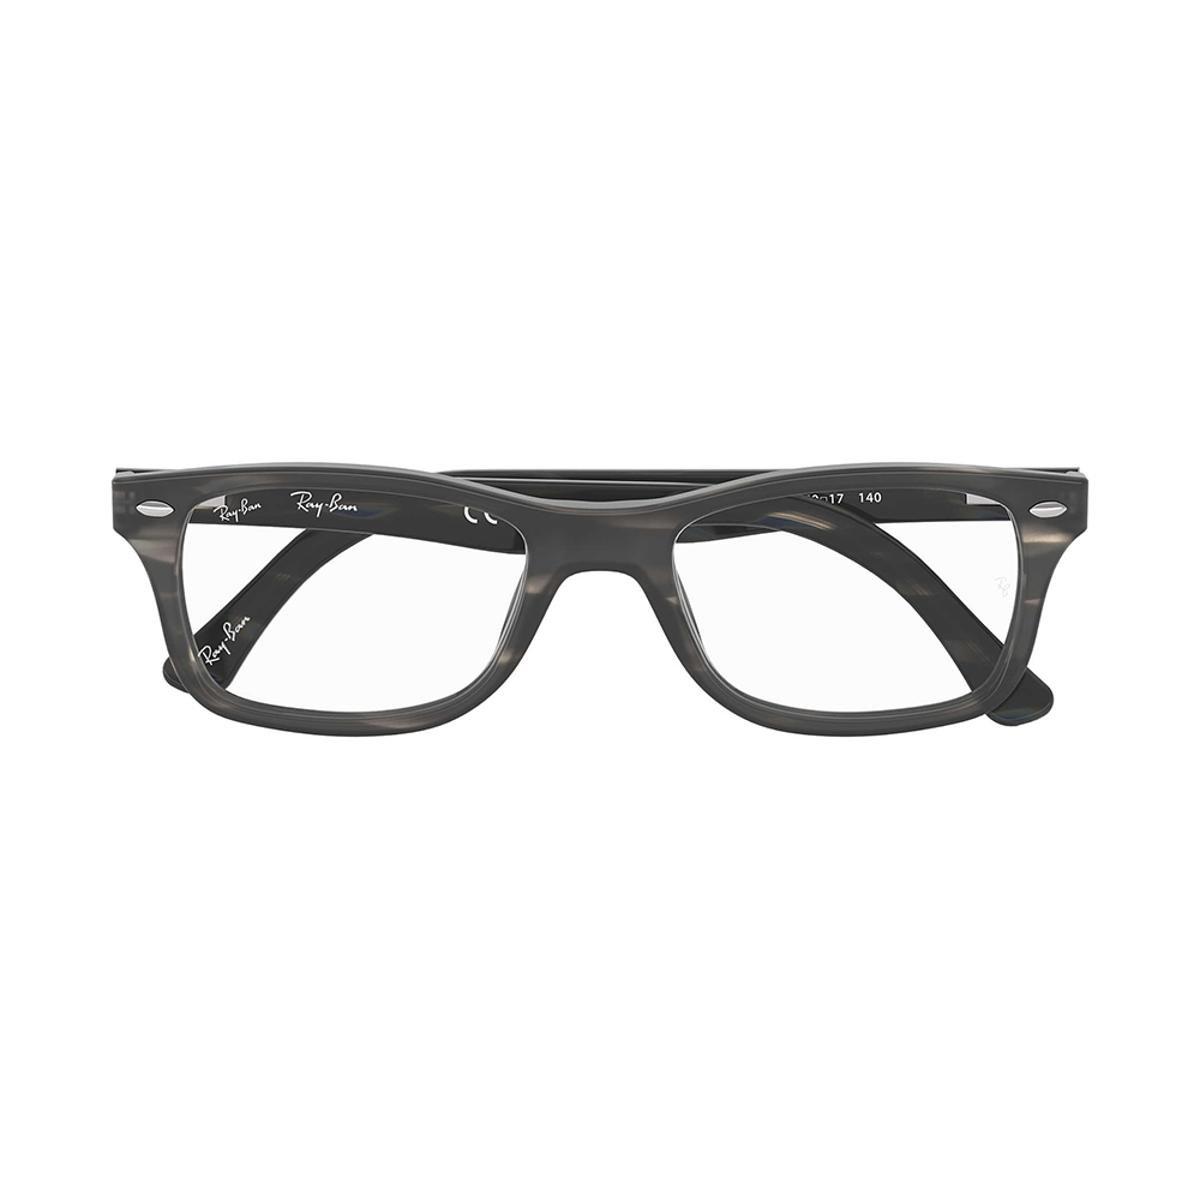 a1aa0236033f0 Armação de Óculos Ray-Ban RB5228 Feminina - Cinza - Compre Agora ...